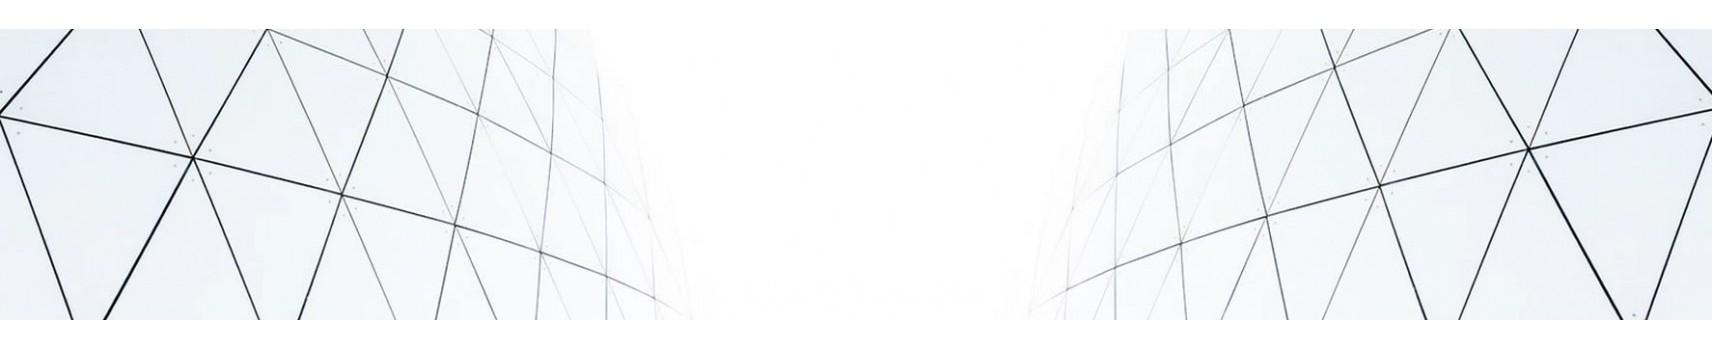 Colchones Latex | Primeras Marcas | Envío Gratis en 24-48h